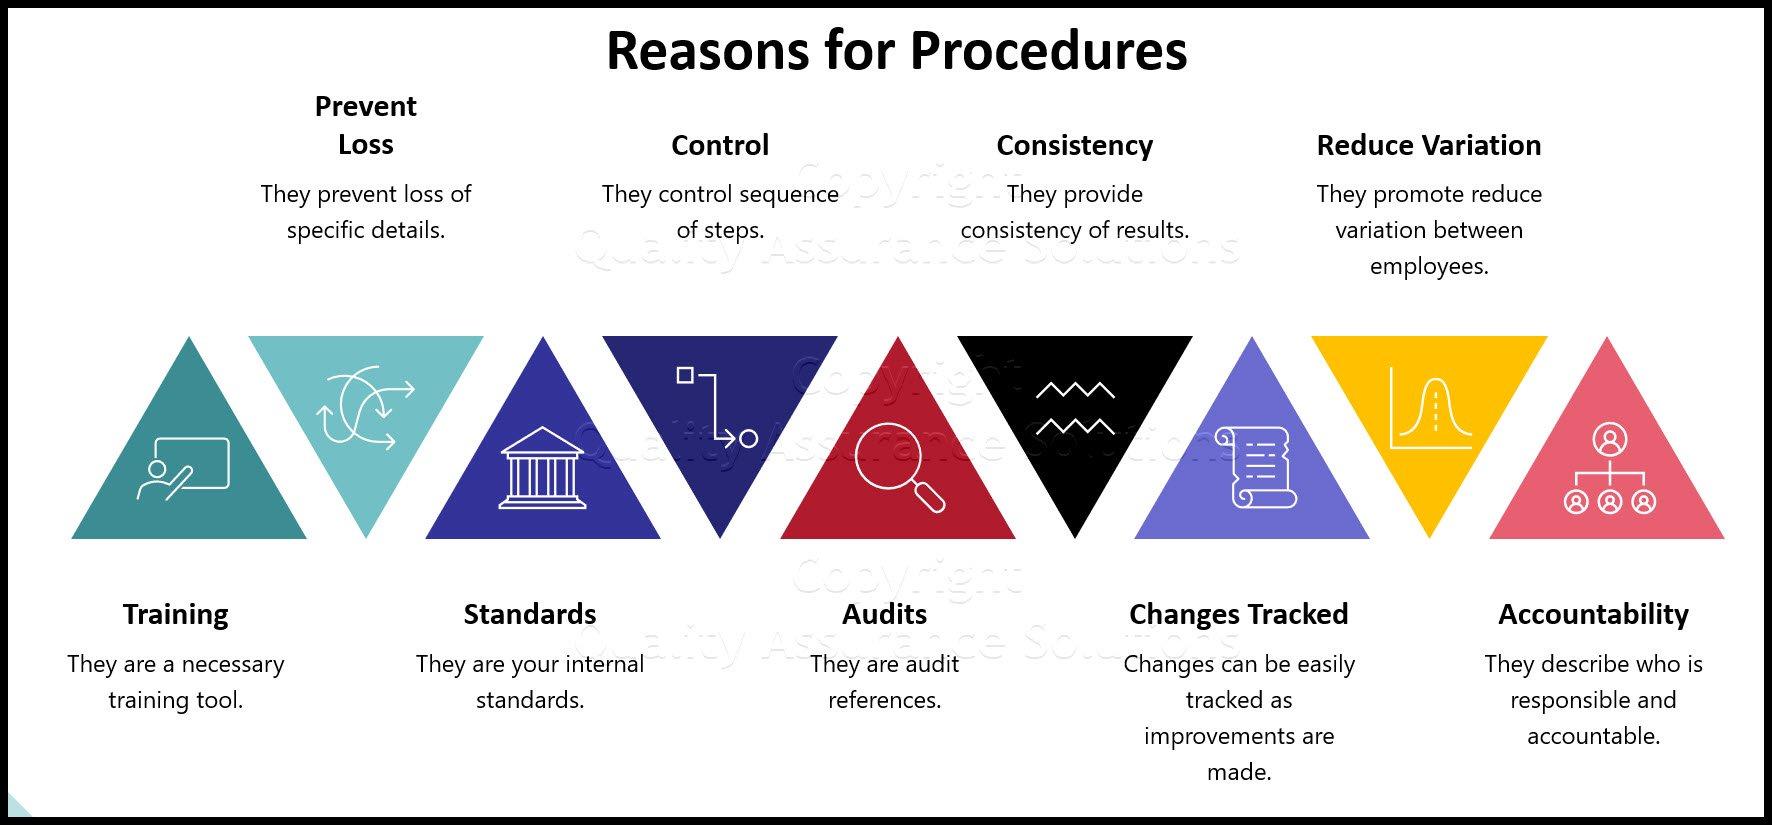 ISO 9001 2015 procedures business slide